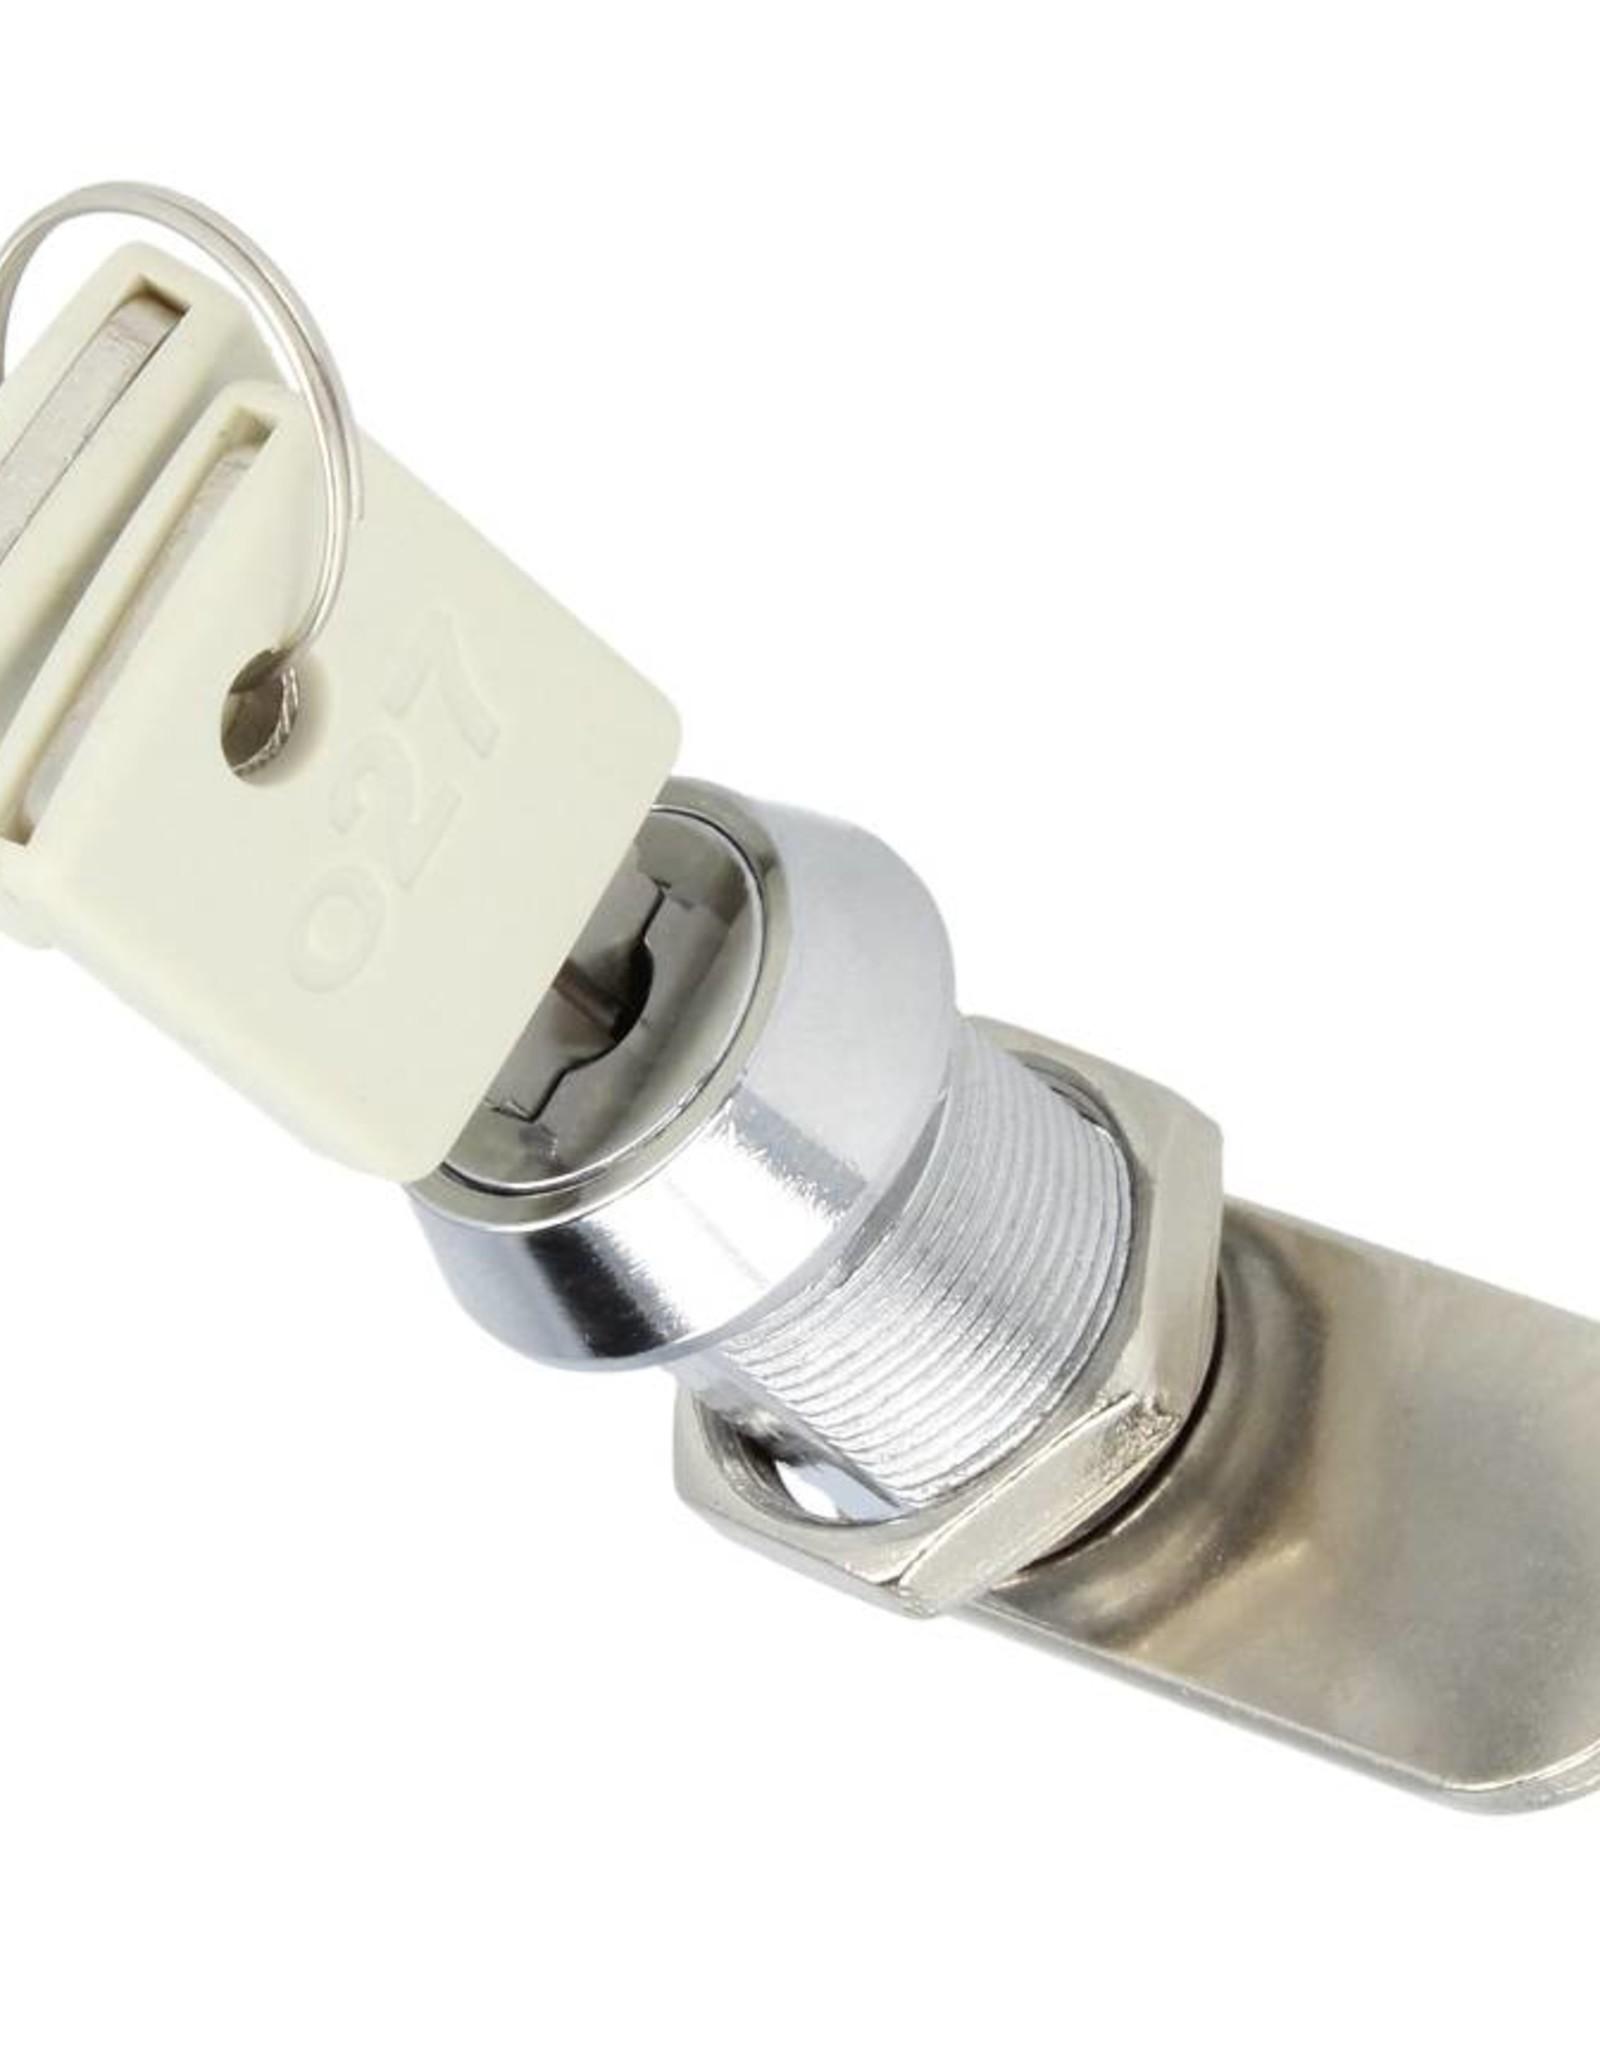 o27 Zylinderschloss mit 3 Schlüsseln